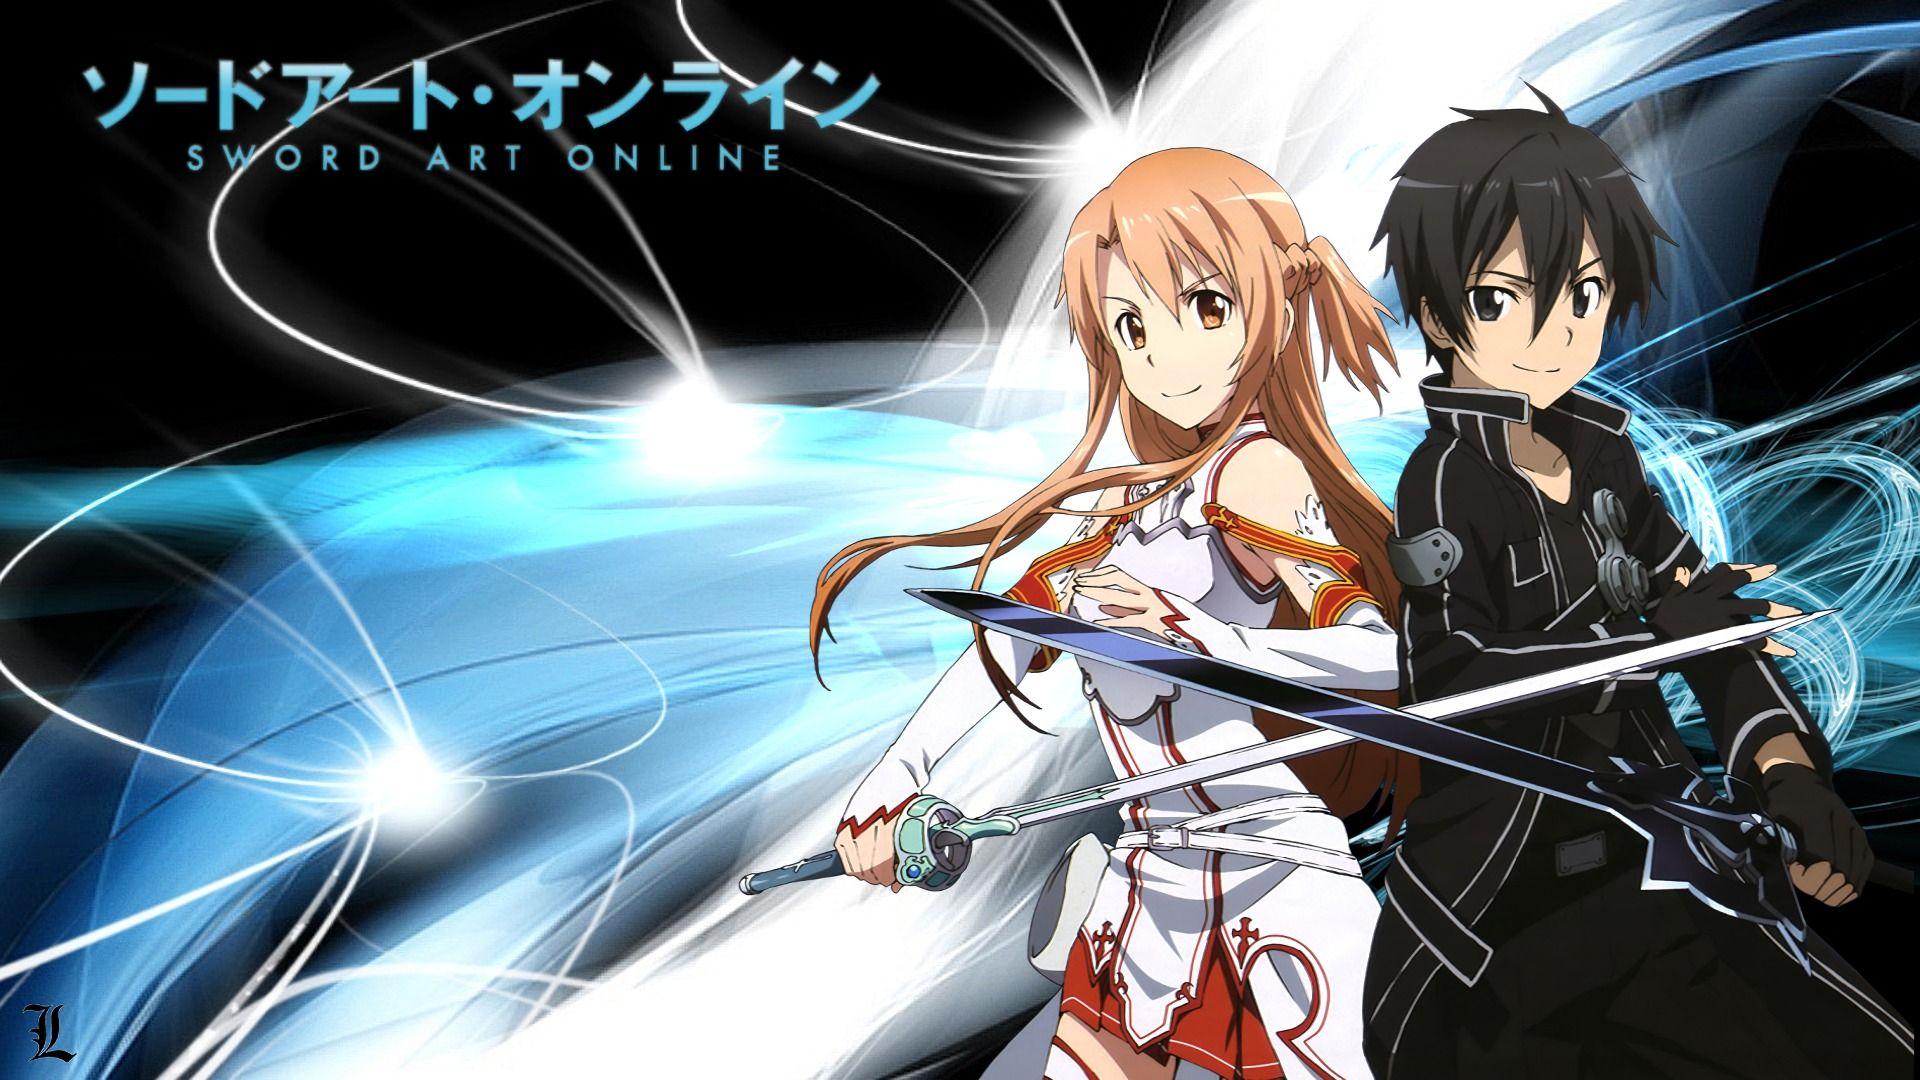 Sword Art Online Pictures